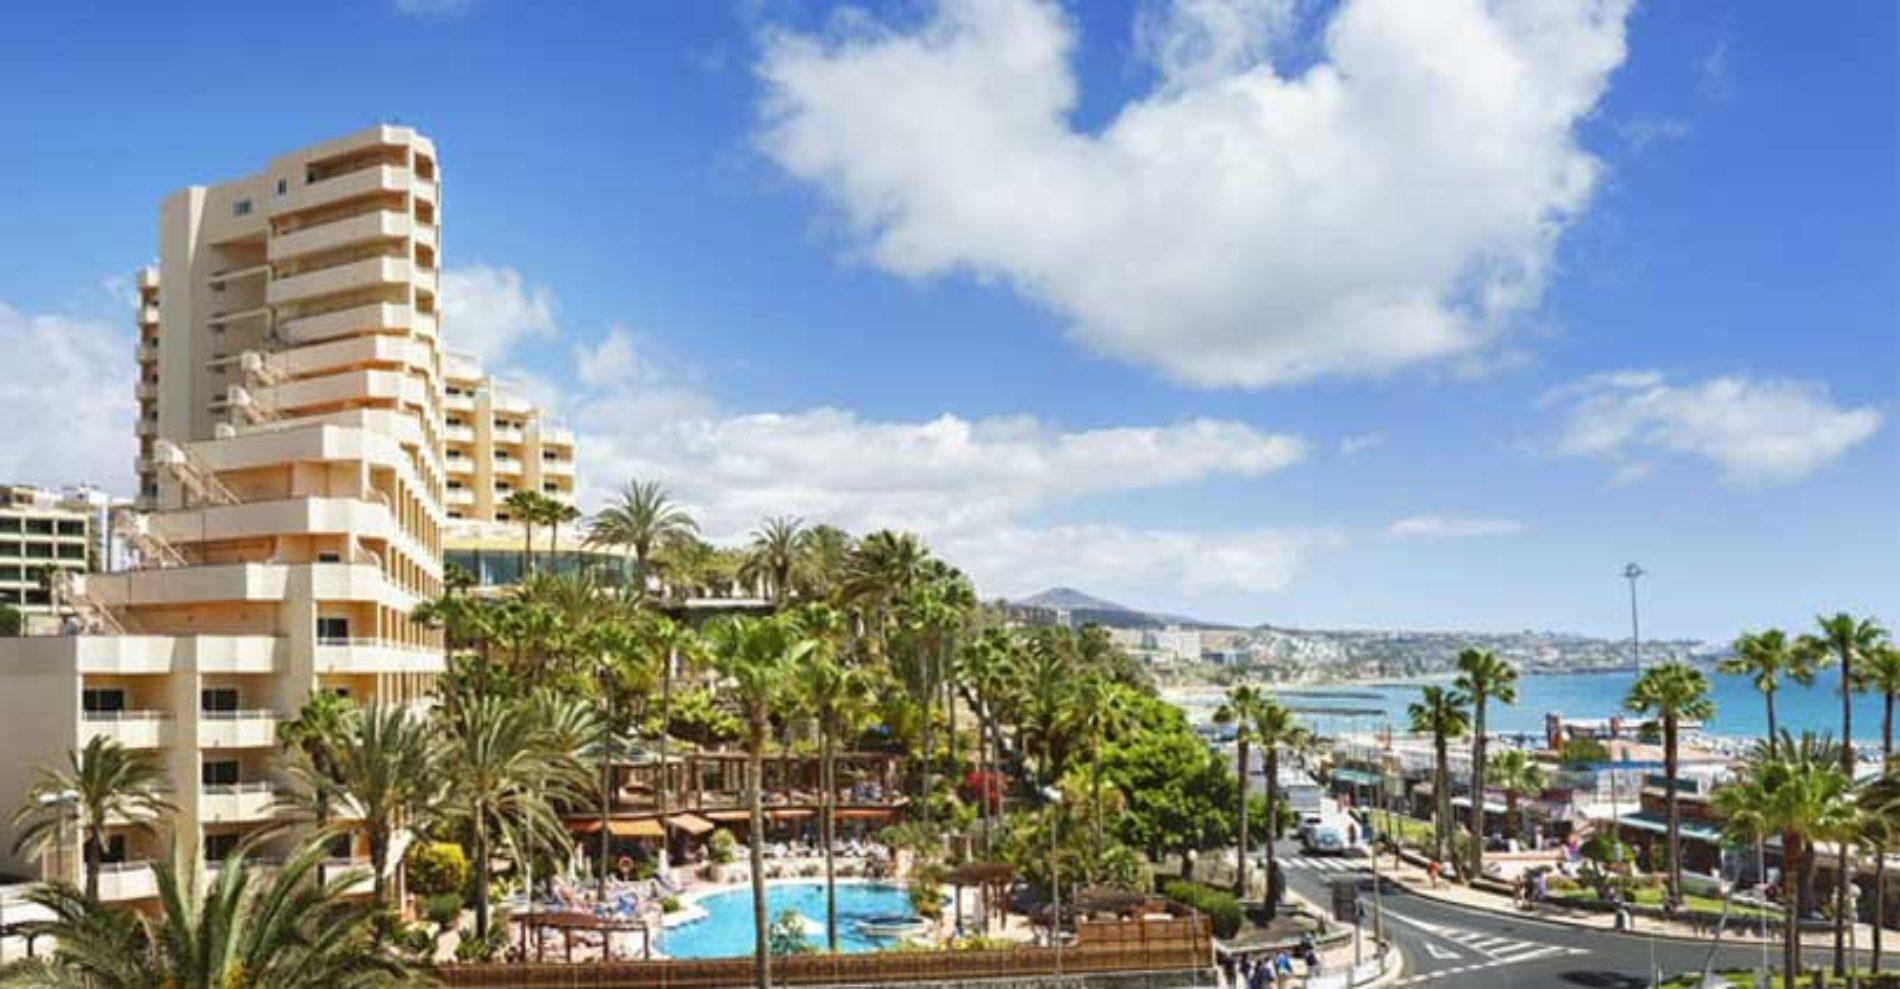 Finn de beste hotell i Playa del Inglés!